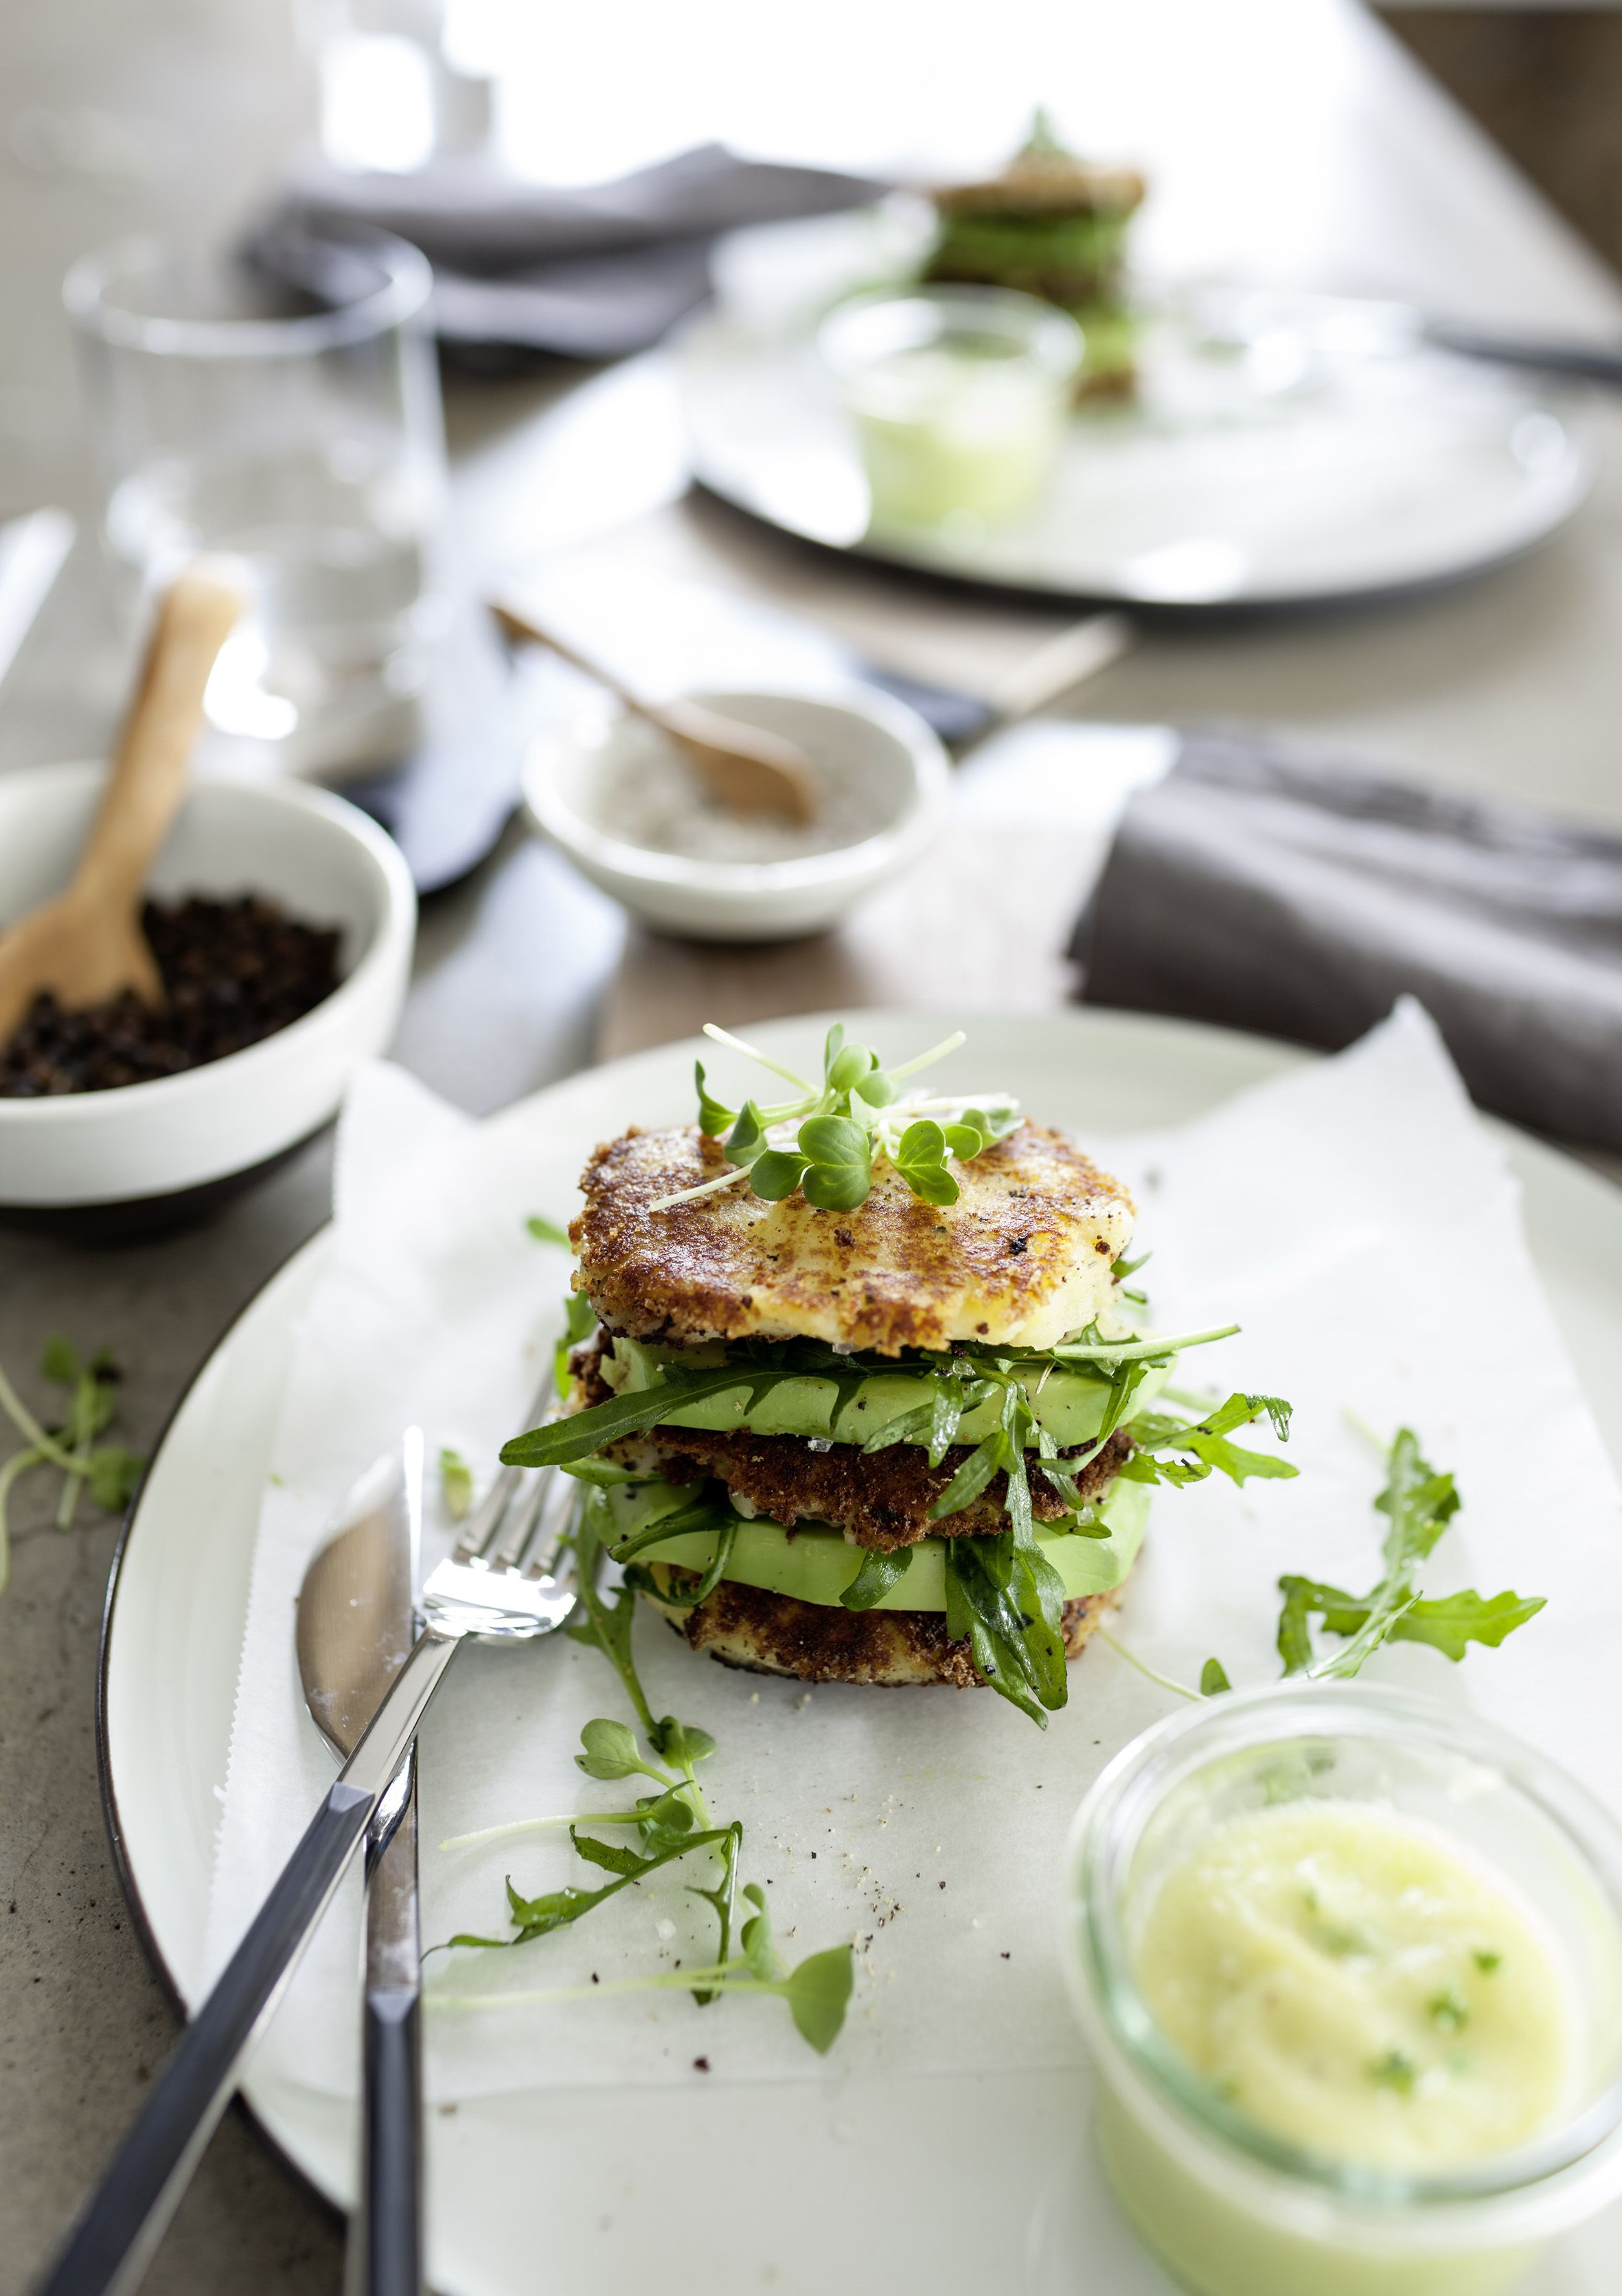 zubereitet in der hochwertigen hightech kche schmecken kartoffelburger mit rucula und ananasdip gleich doppelt so - Schmcken Kleine Wohnkche